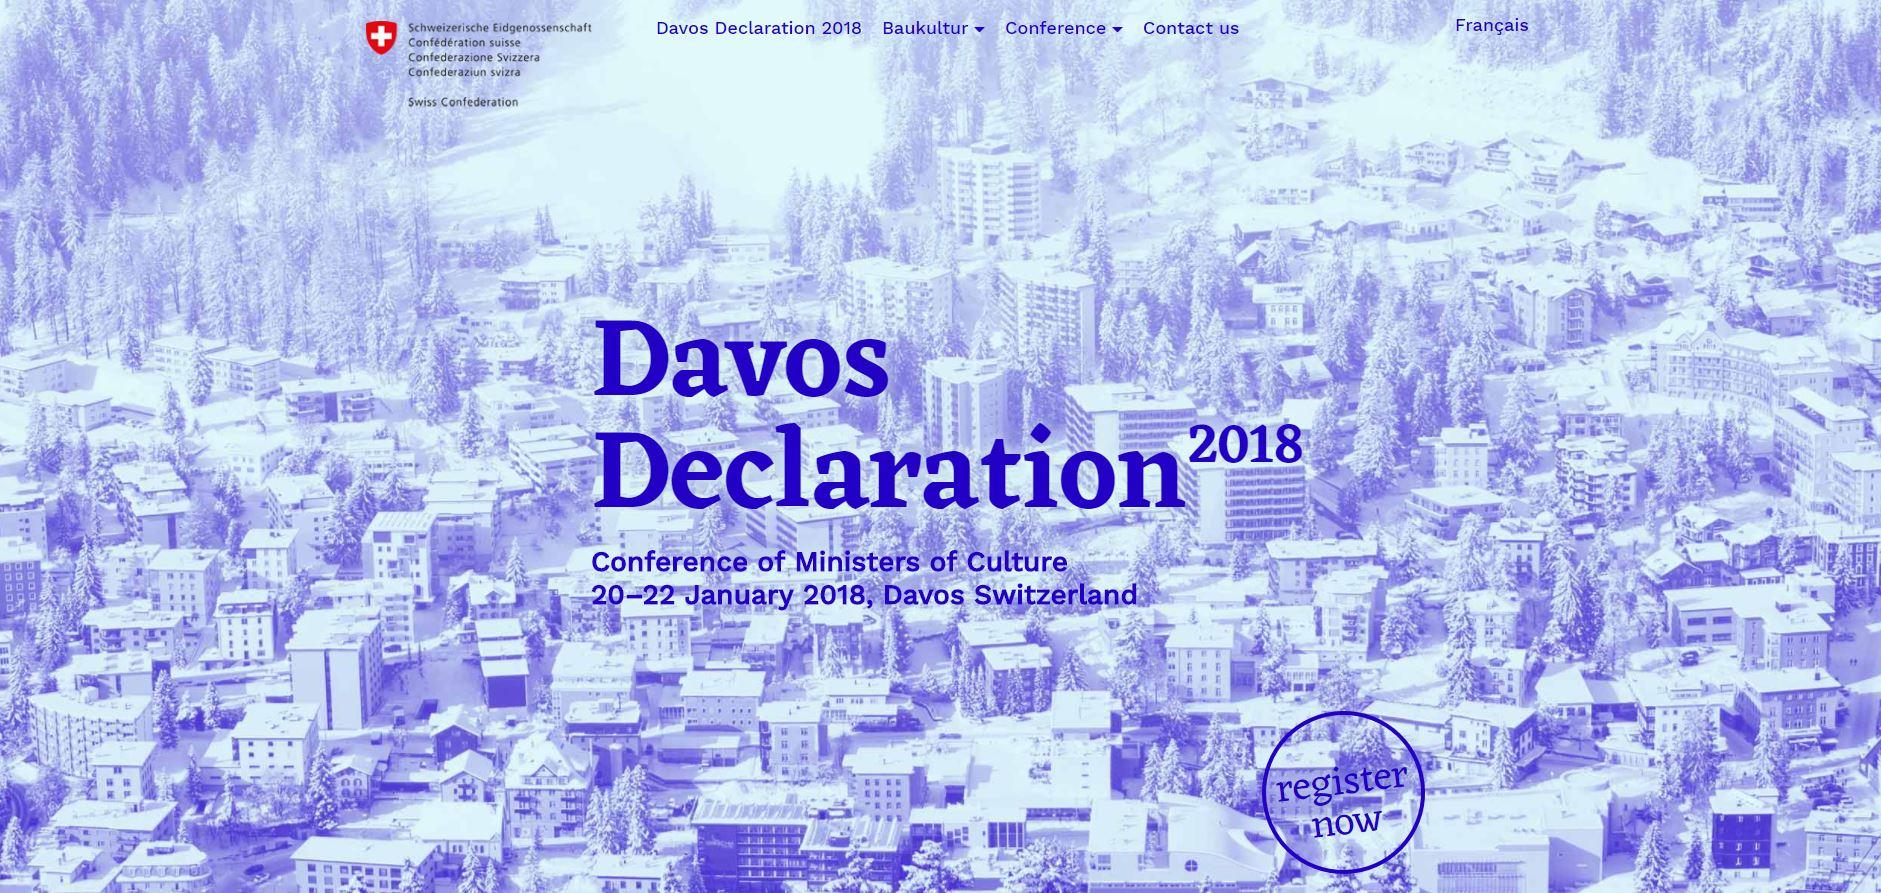 NAX Report 01/18: Baukultur wird international anerkannter Begriff